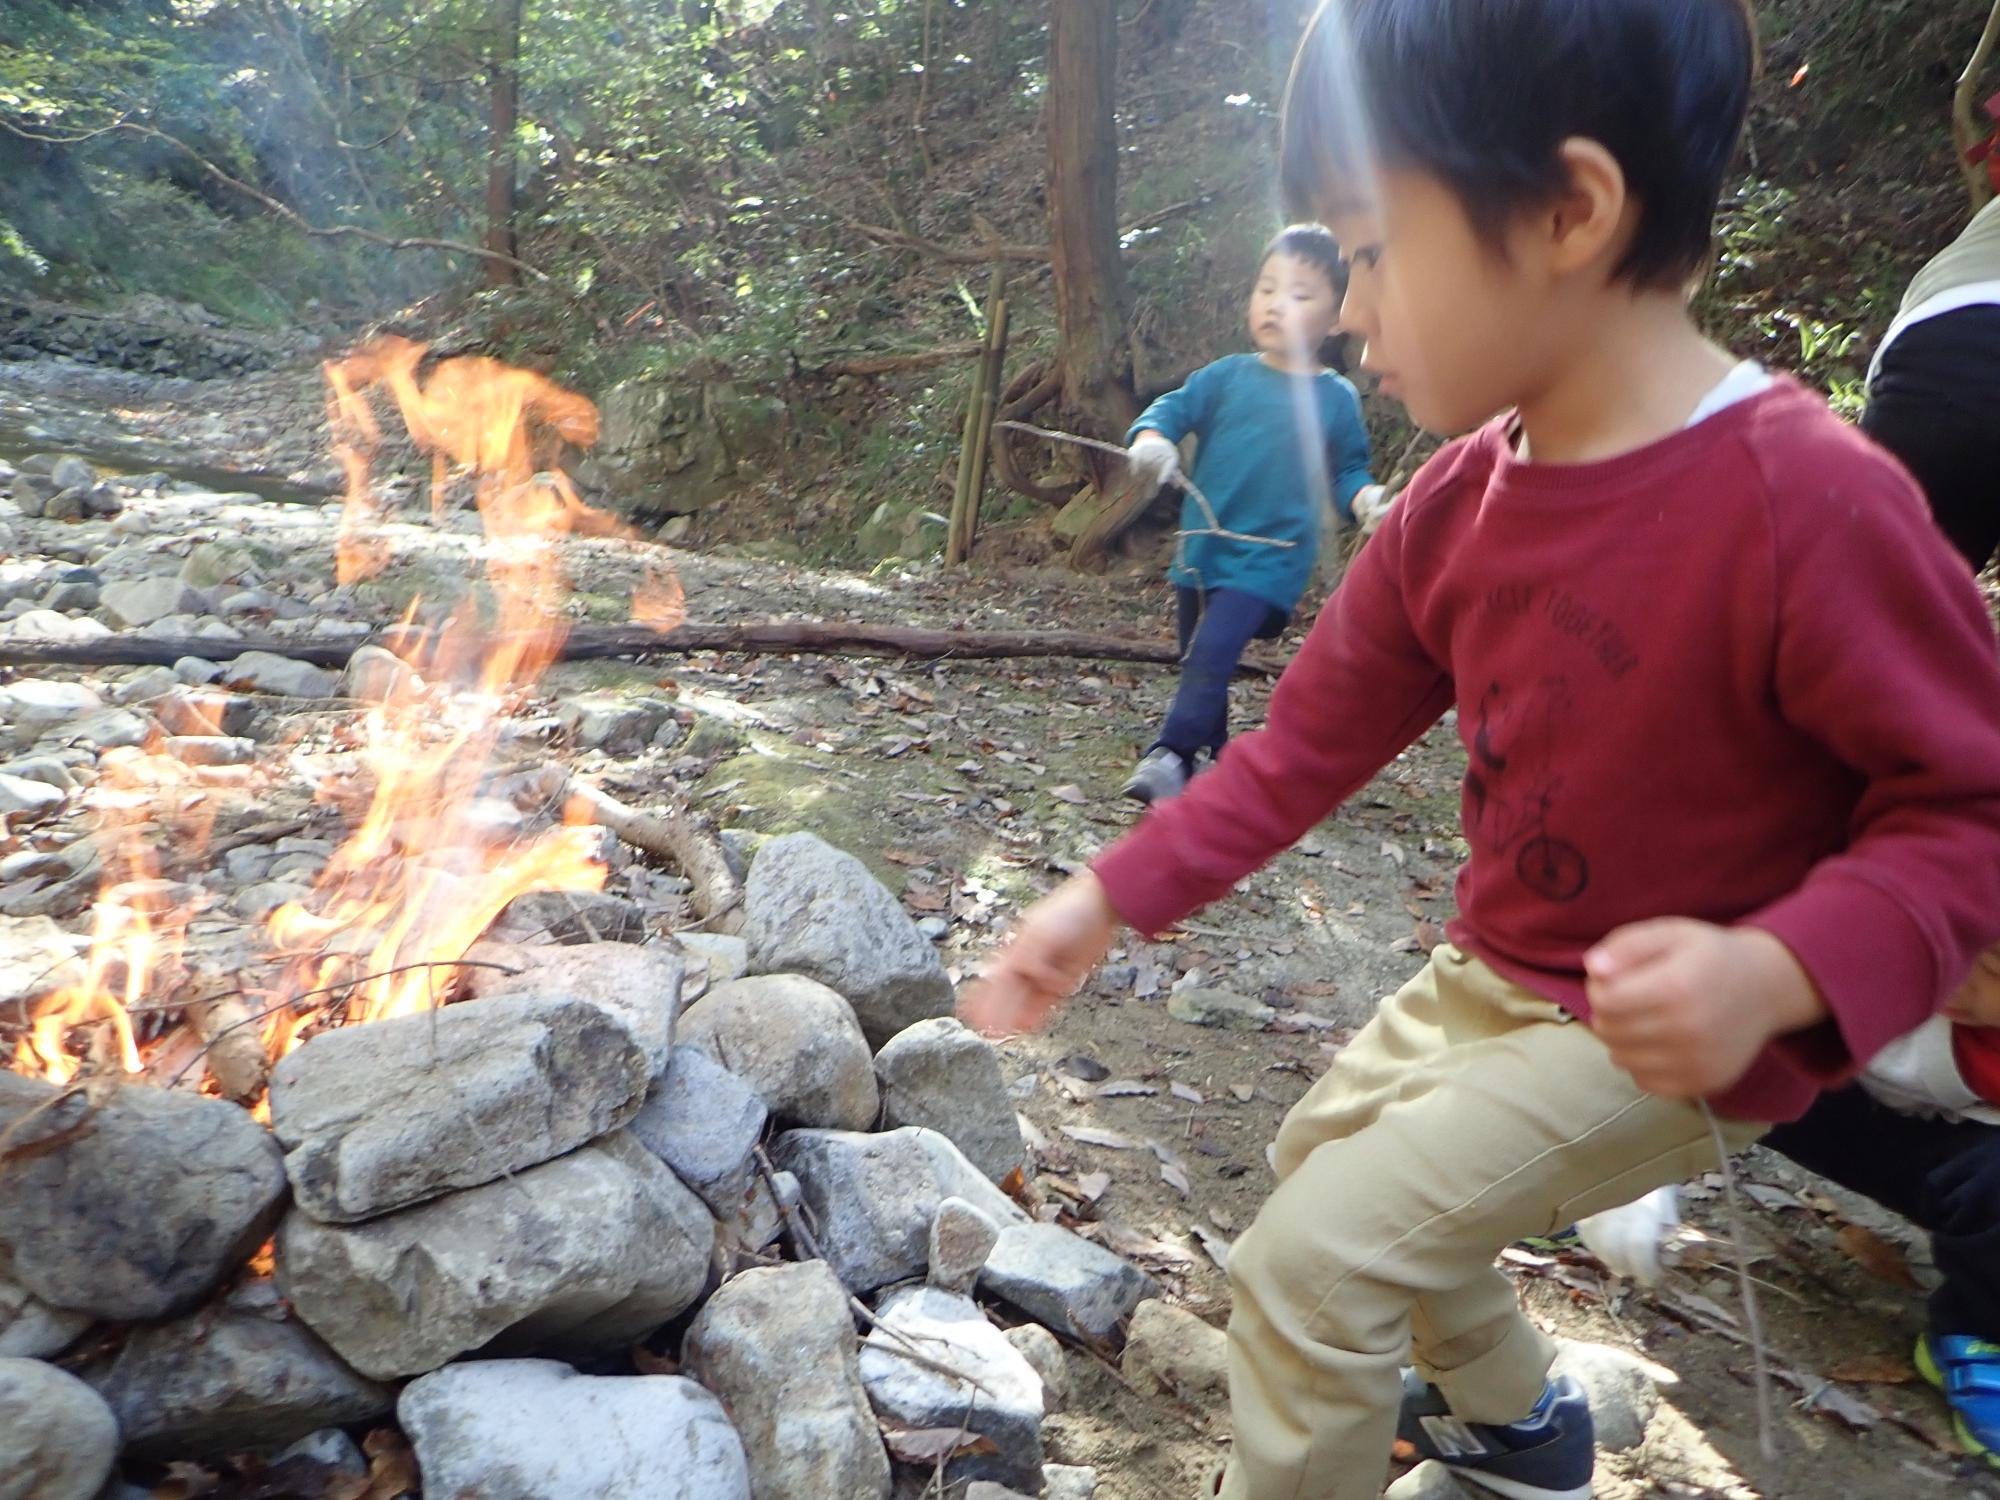 11月10日土曜キンダー 焚き火でホクホク焼き芋!